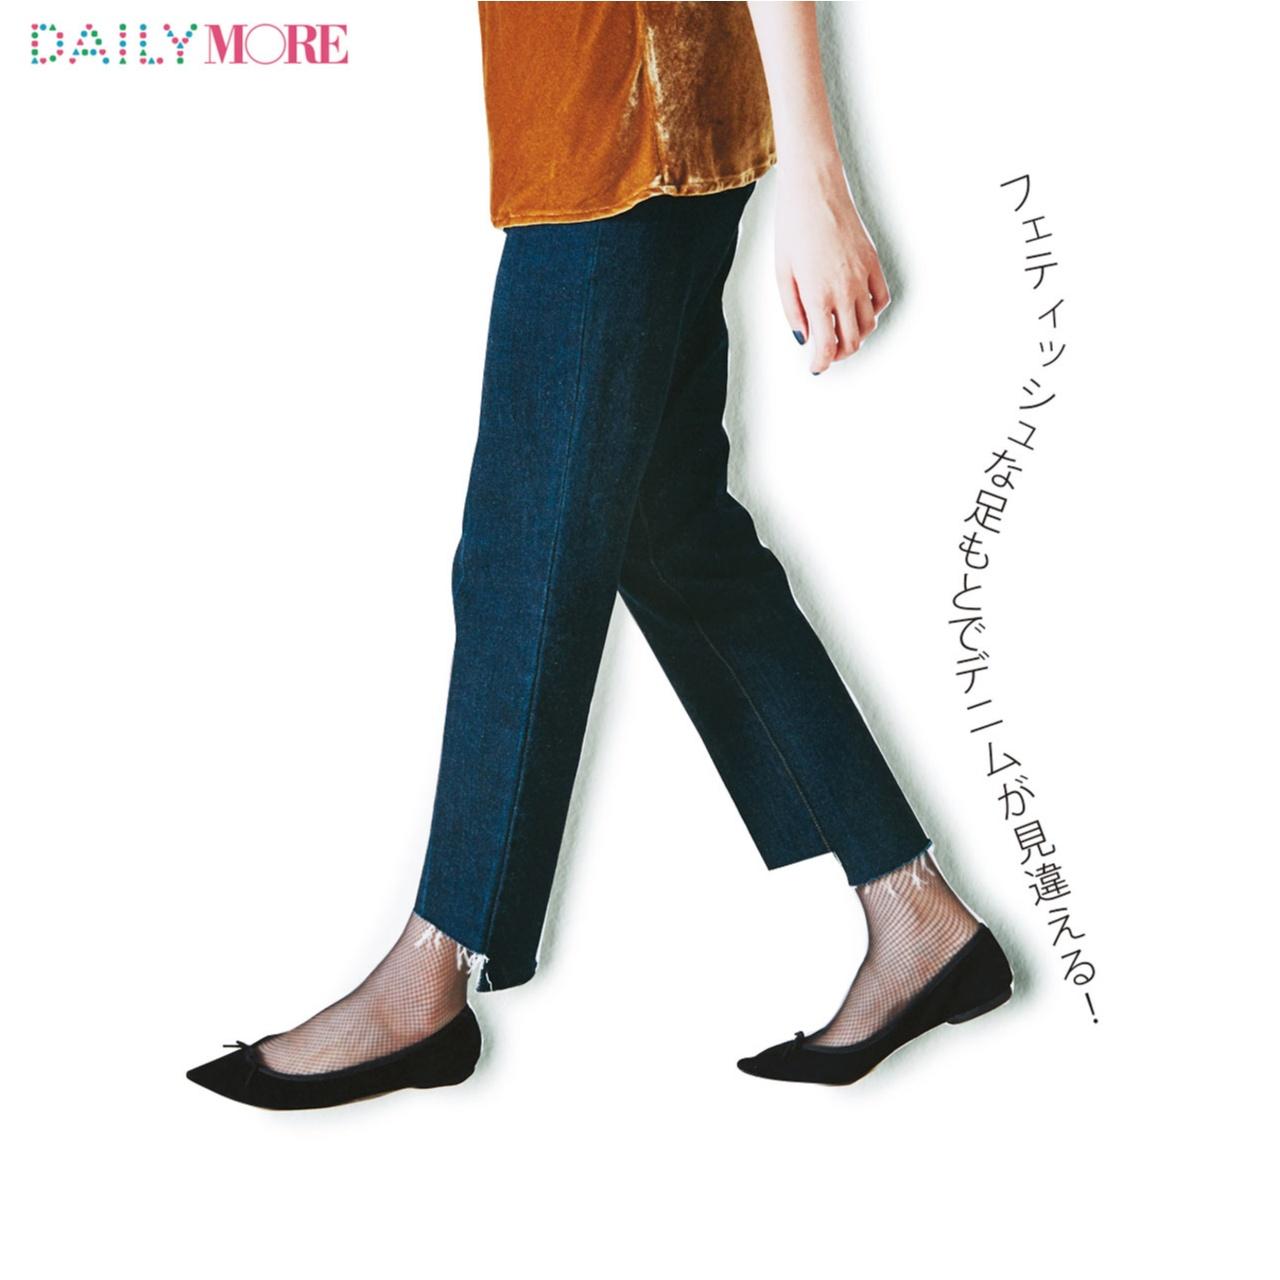 【おしゃれ度がぐっと上がる!】バレエ靴をもっと可愛く履くための足もとテク_2